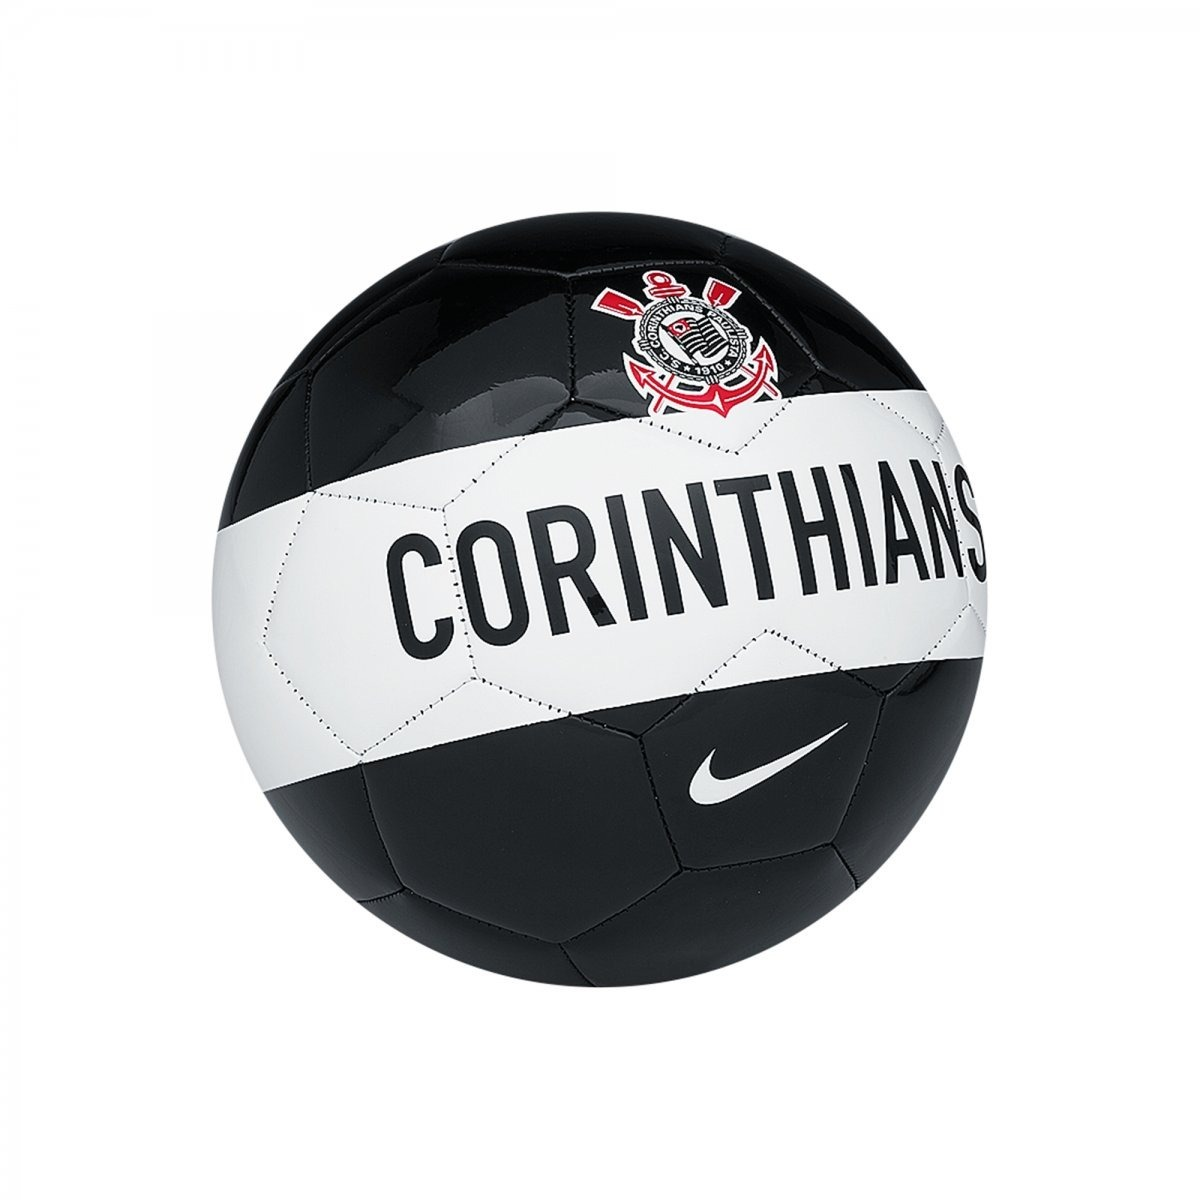 6275950ecc bola nike futebol campo corinthians bco original nike. Carregando zoom.